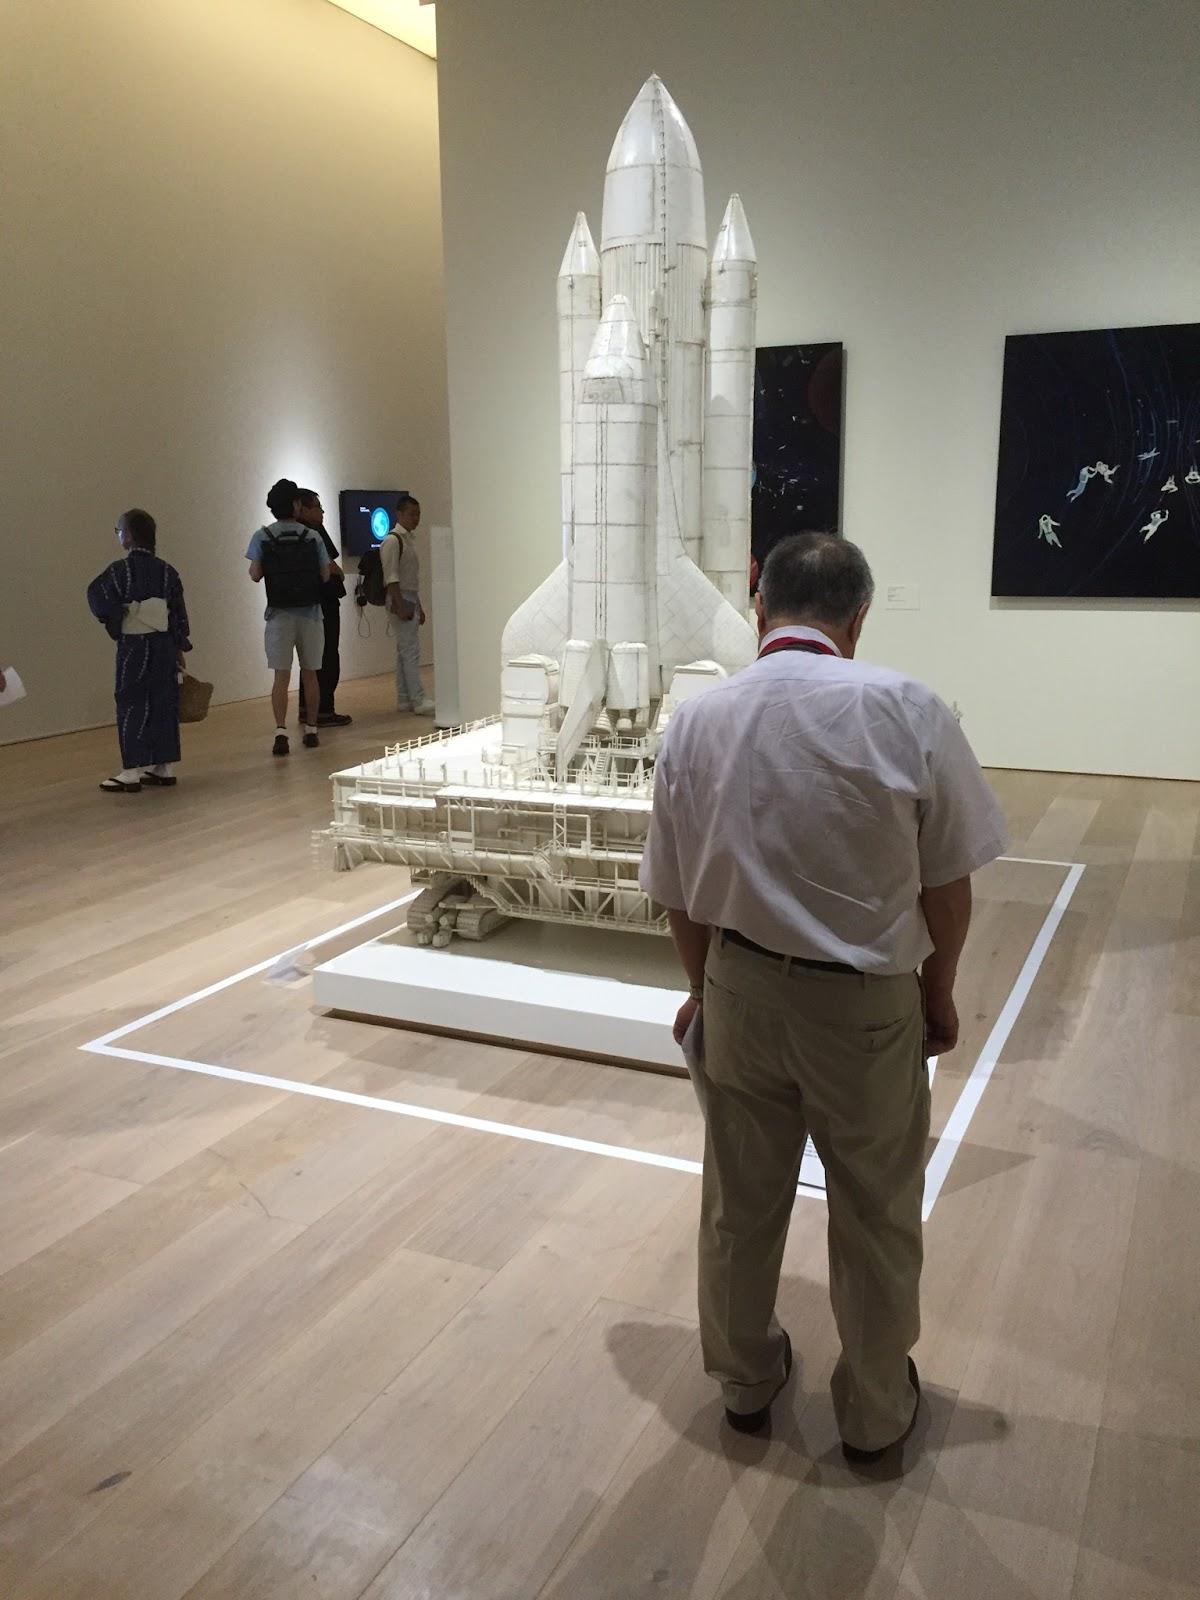 六本木ヒルズは「宇宙」と「ジブリ」と「ドラえもん」| 2016-07-30 の日々雑感